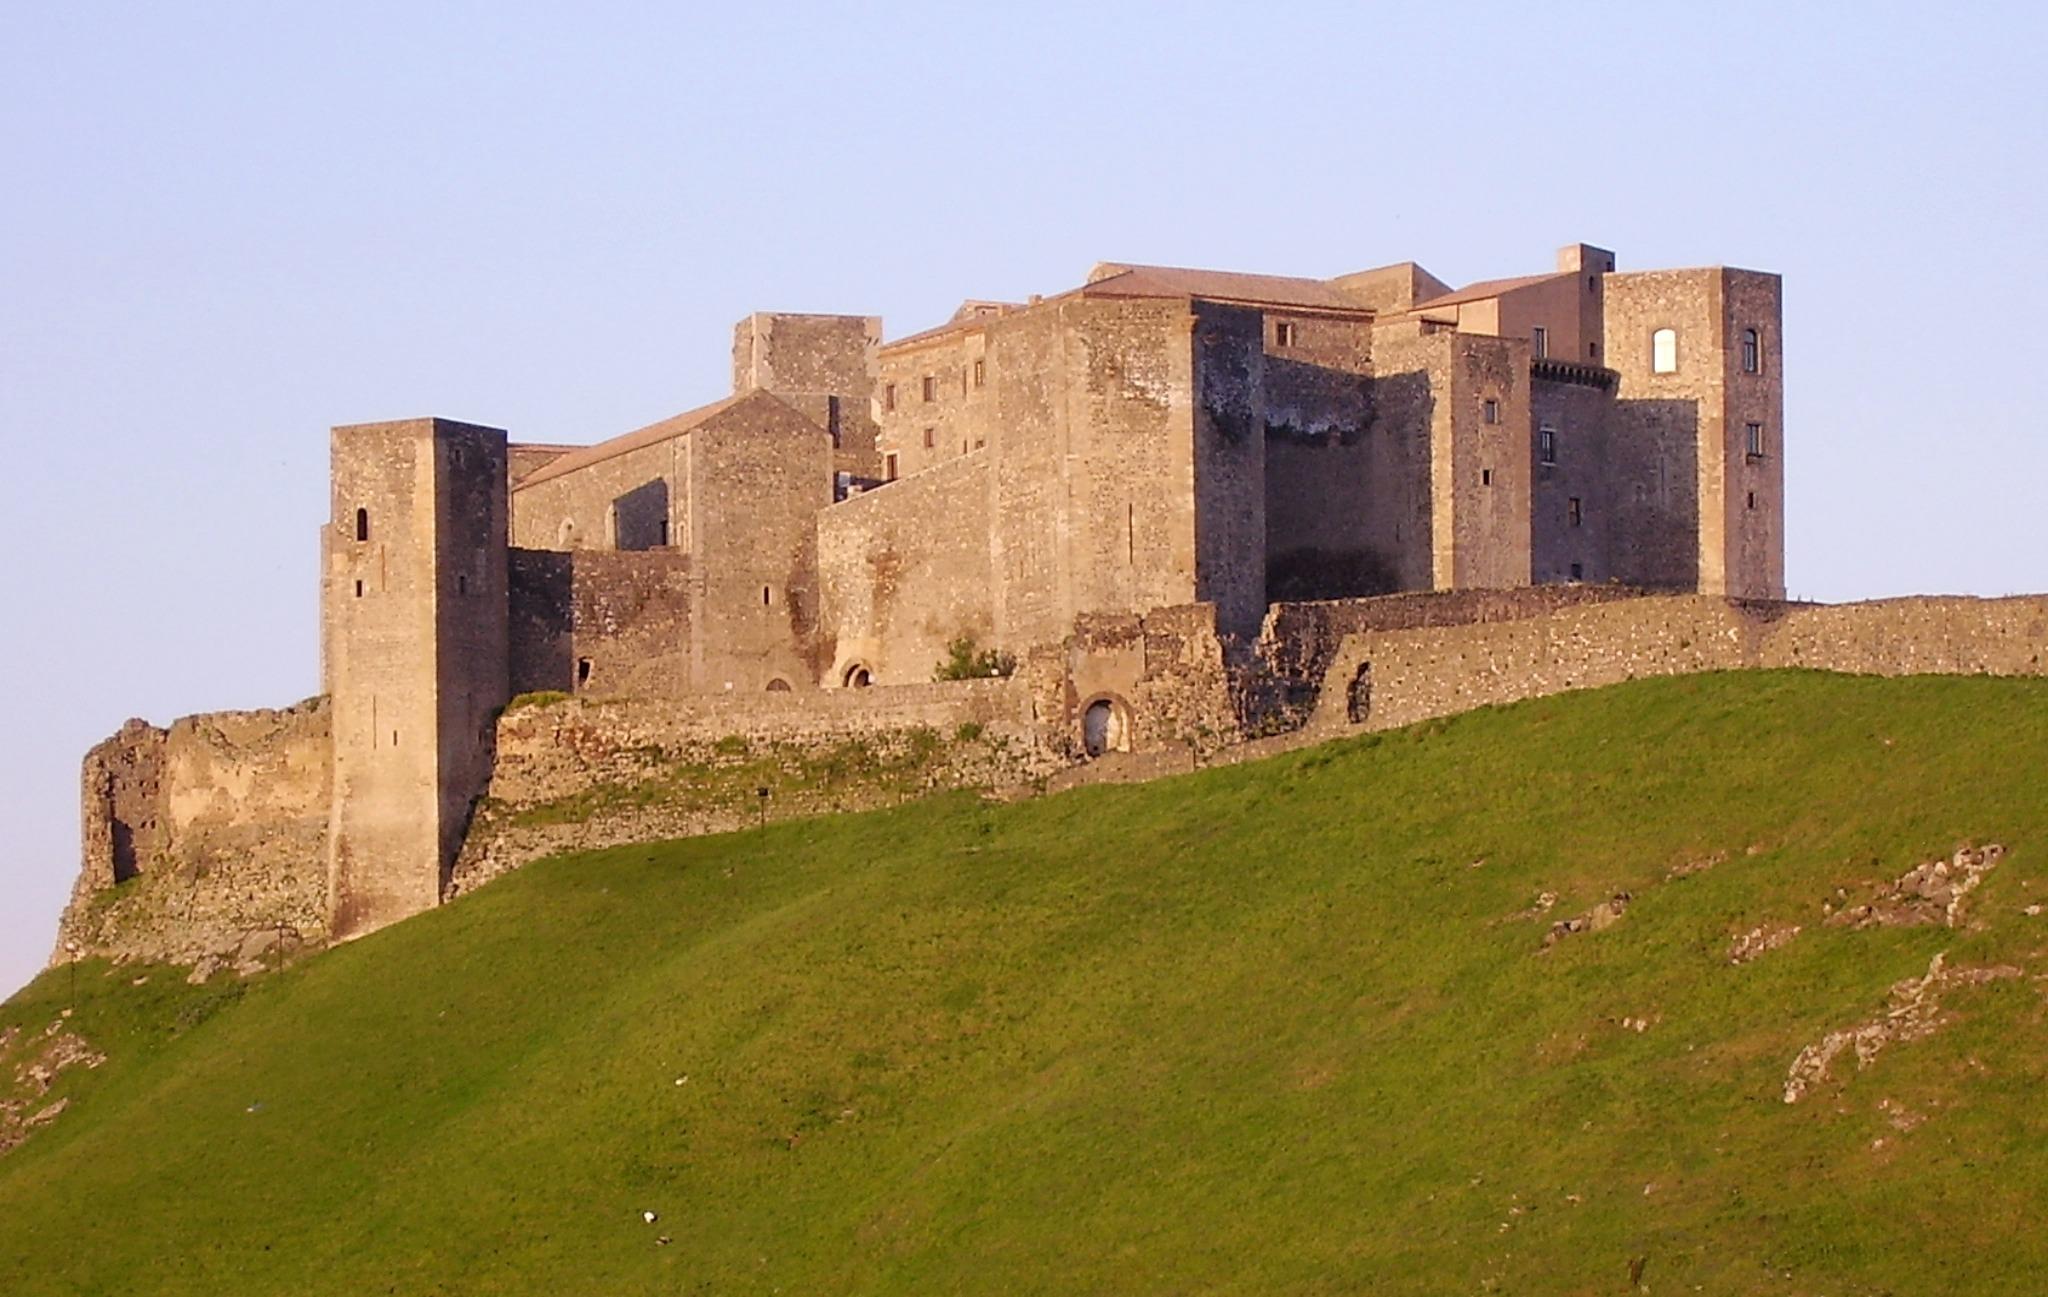 Castello_di_melfi1.JPG